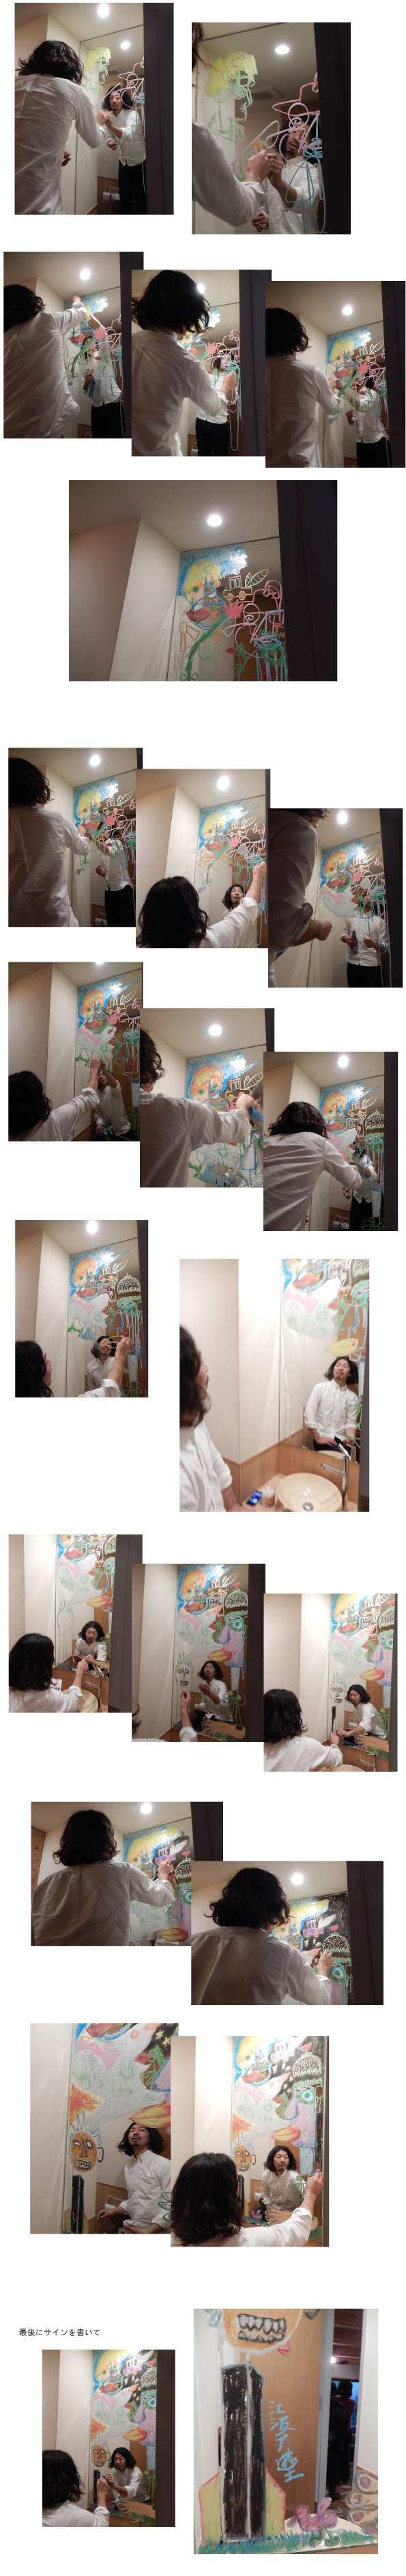 めぐたまキットパスミラーギャラリーVol.18 江波戸遊土さんの「トイレ都市三番地」(2017年11月13日-)